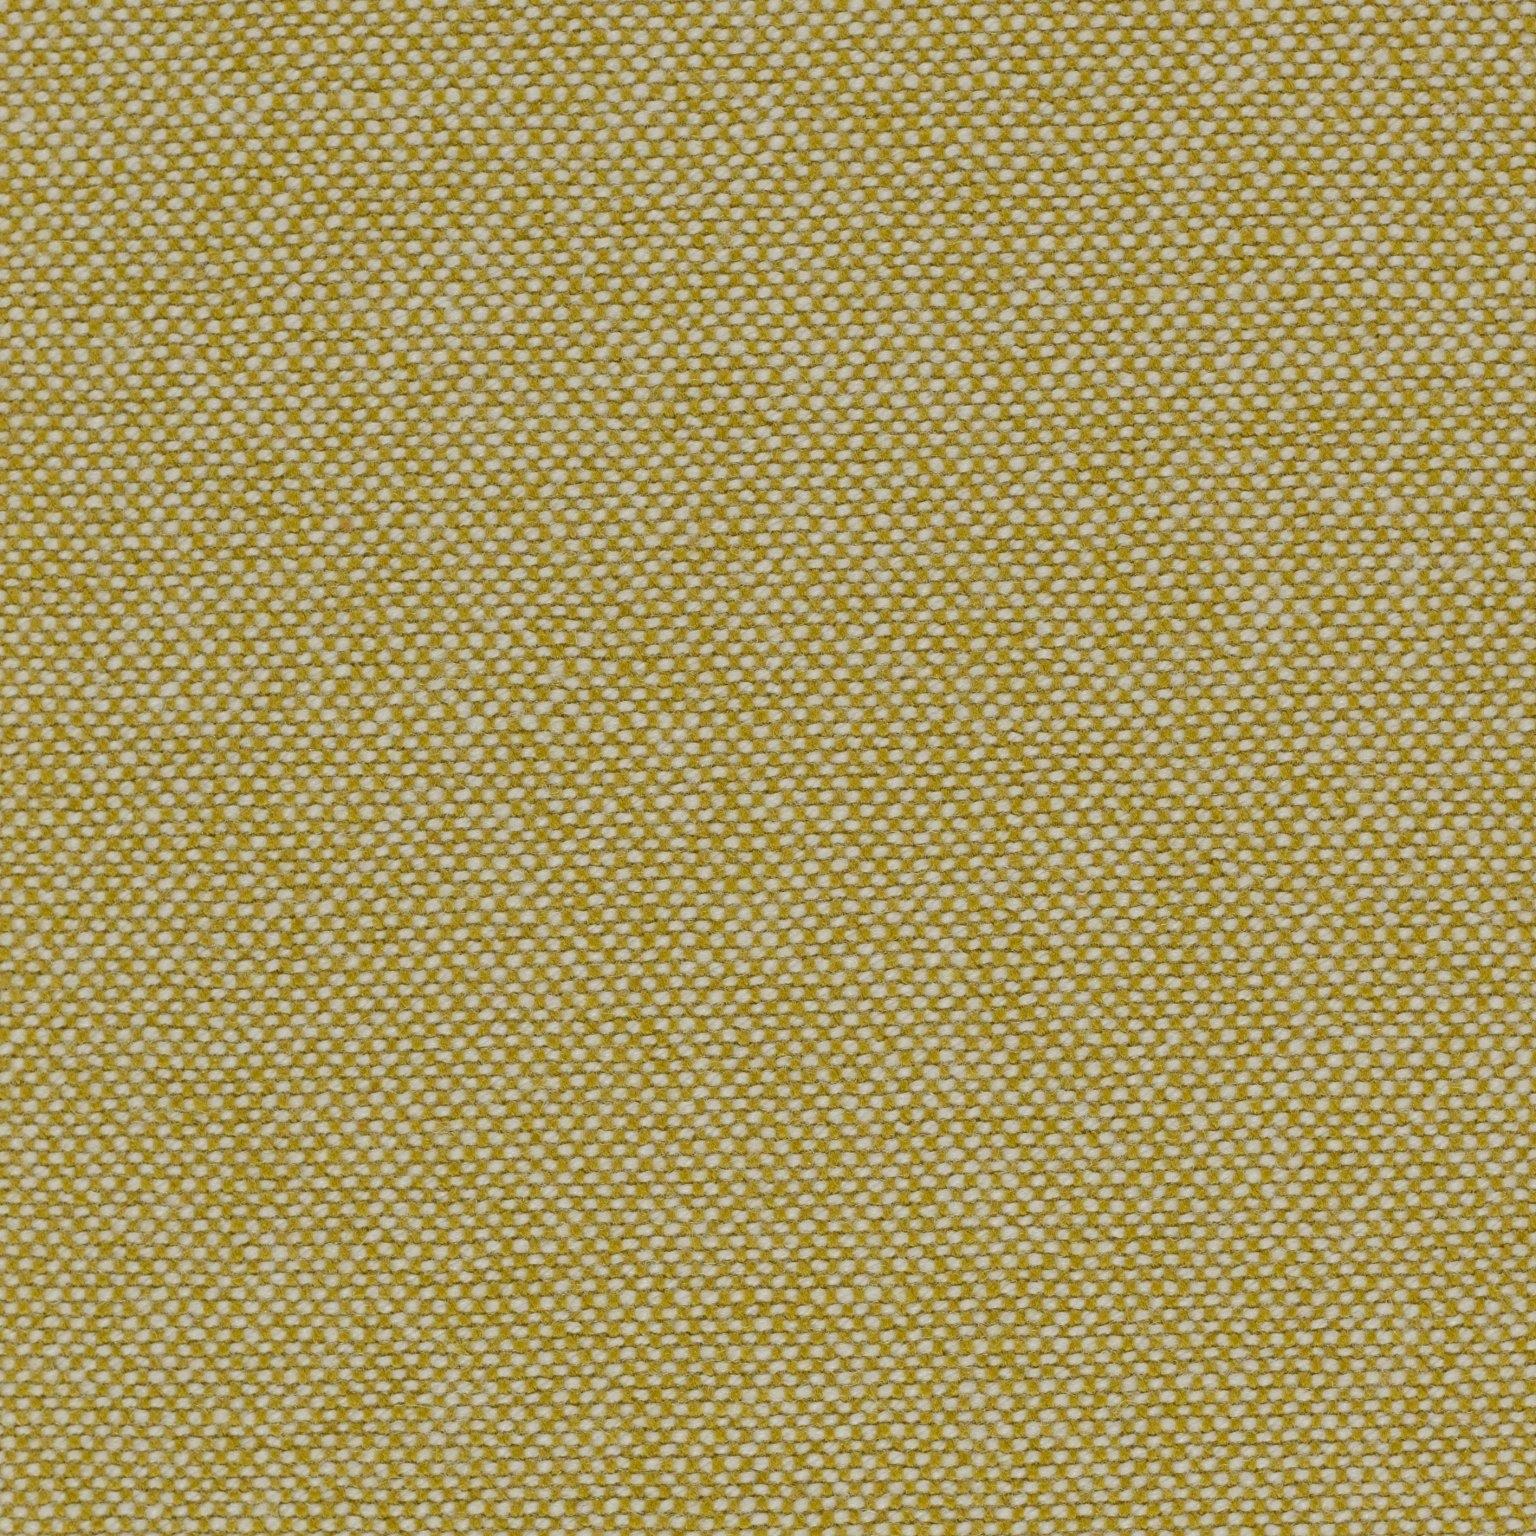 gul-hvid malange 65 - 407-0